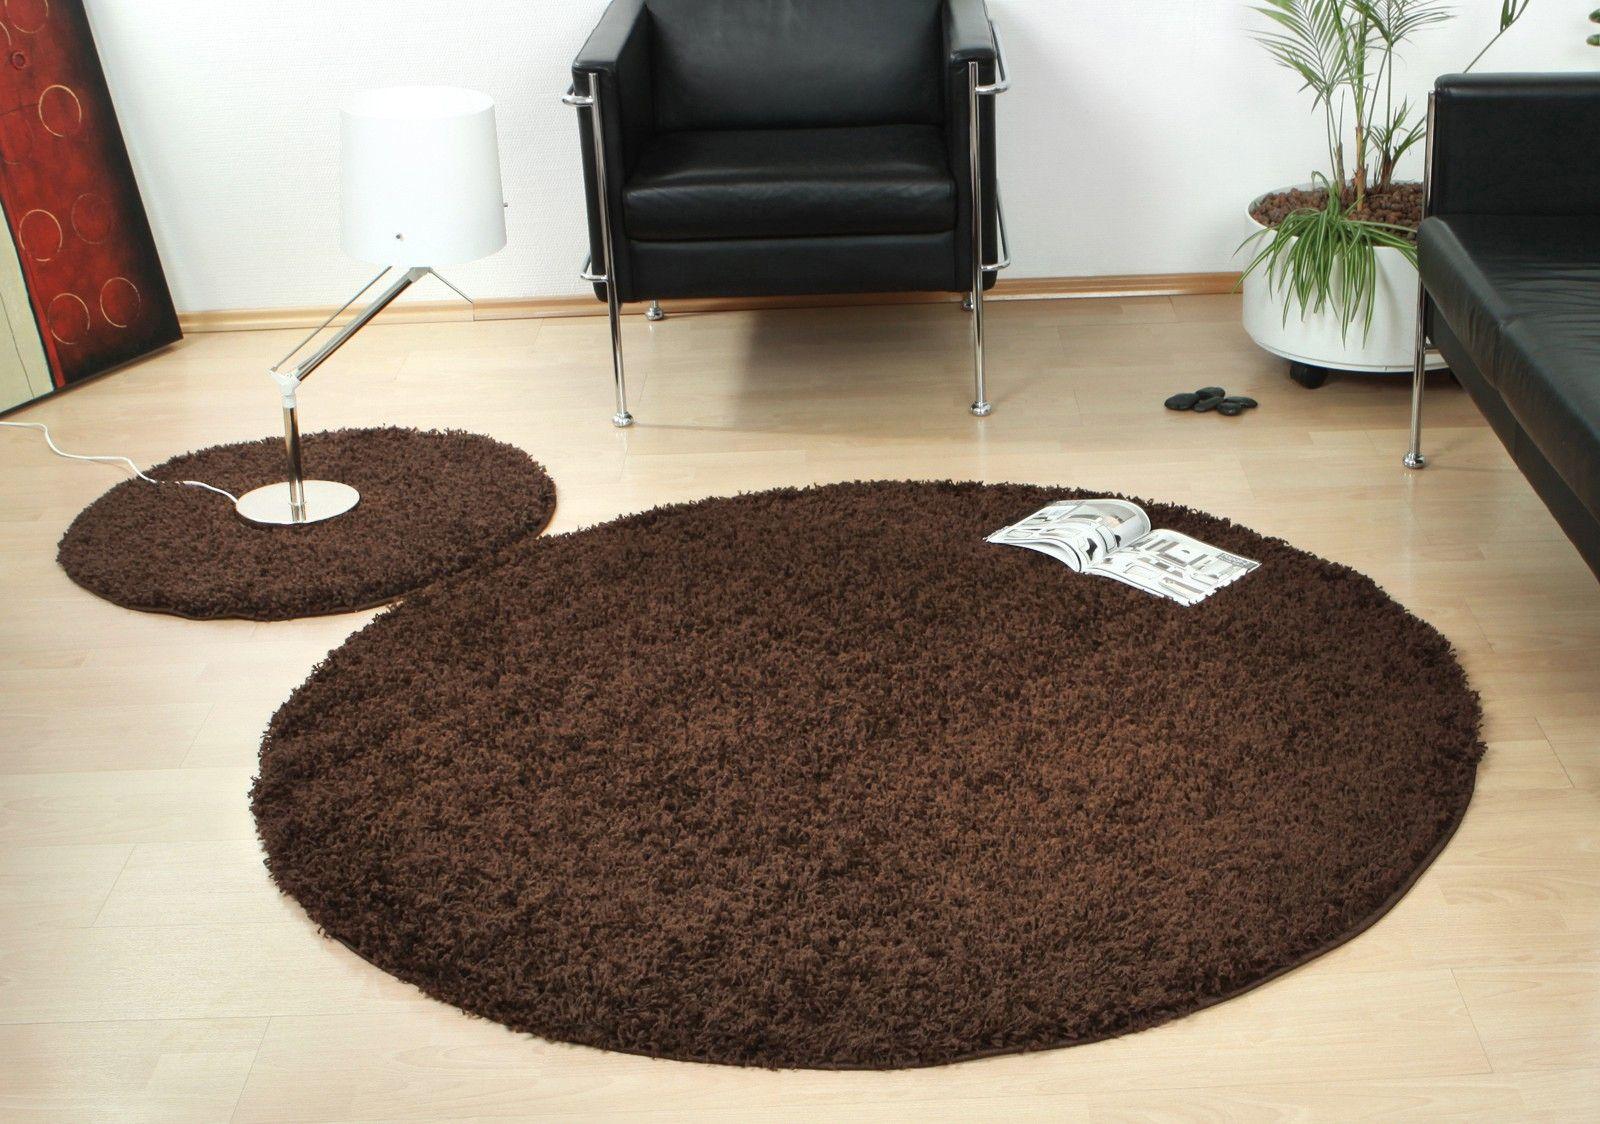 teppich billig billig teppich rund braun with teppich. Black Bedroom Furniture Sets. Home Design Ideas